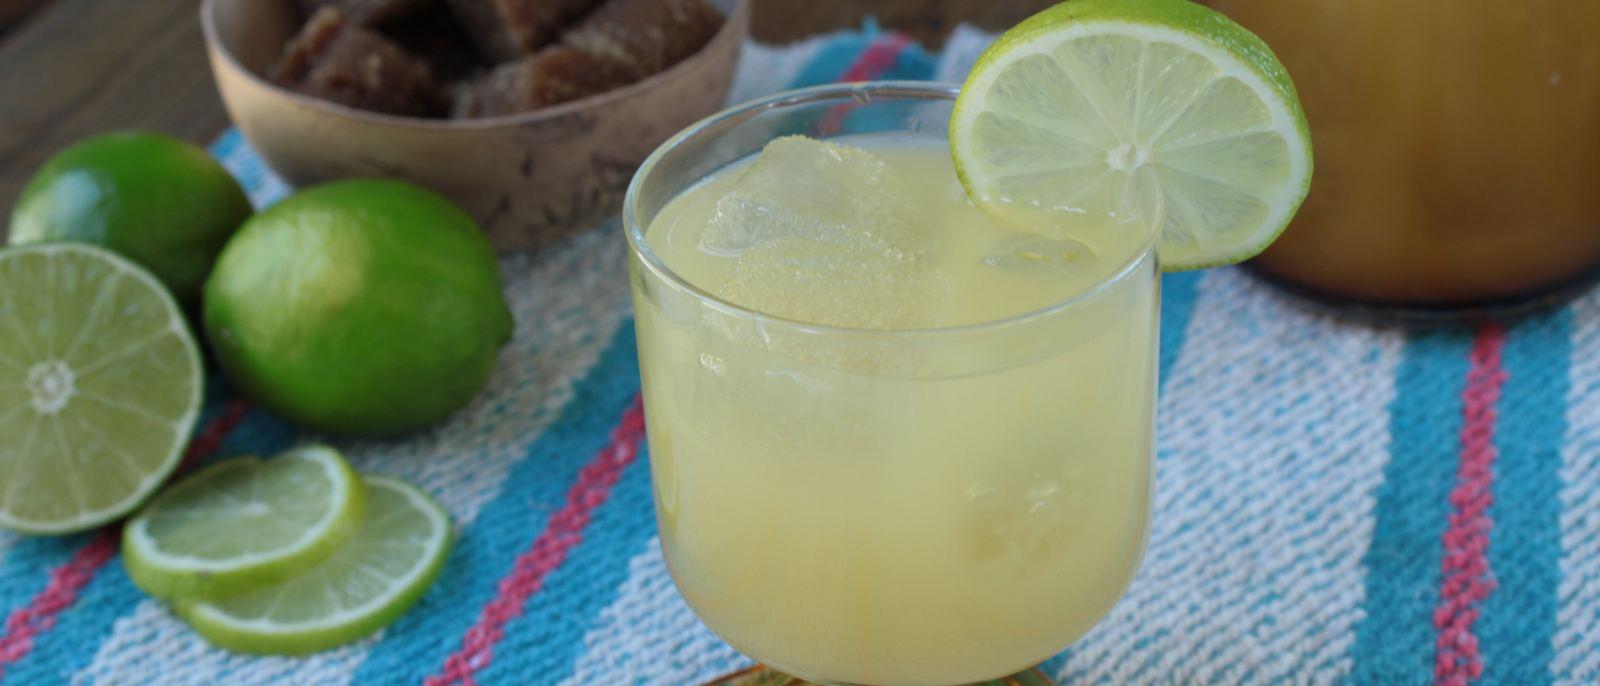 Lunazul Tequila Margarita | Photo: Salazar